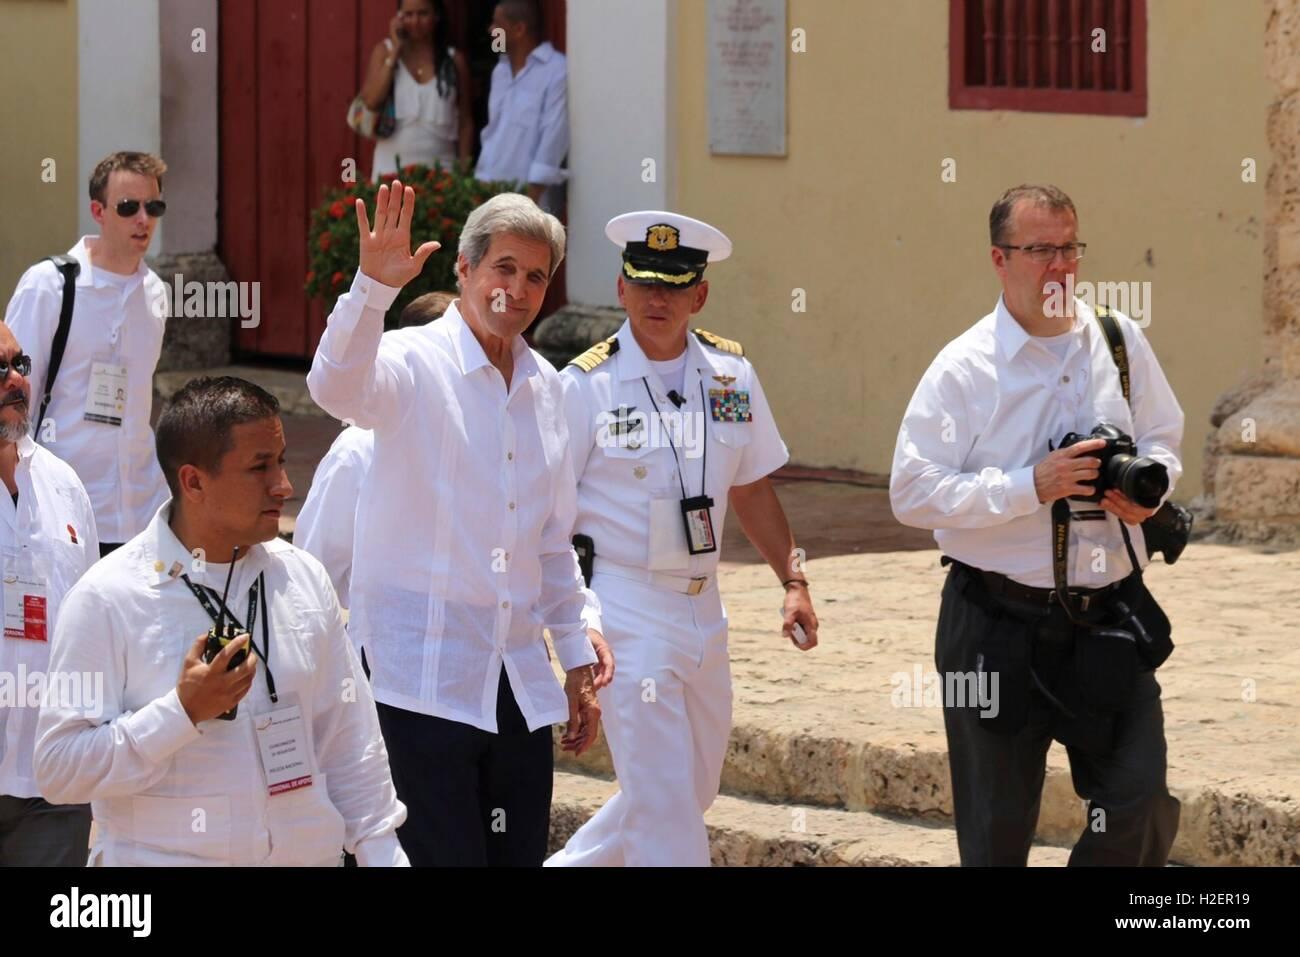 El Secretario de Estado de Estados Unidos, John Kerry olas como él llega por la paz ceremonia en la Iglesia San Pedro Claver de Septiembre 26, 2016 en Cartagena, Colombia. Kerry está en Colombia que asistieron a una ceremonia de paz entre el gobierno colombiano y las Fuerzas Armadas Revolucionarias de Colombia (FARC) que puso fin a cinco décadas de conflicto. Foto de stock